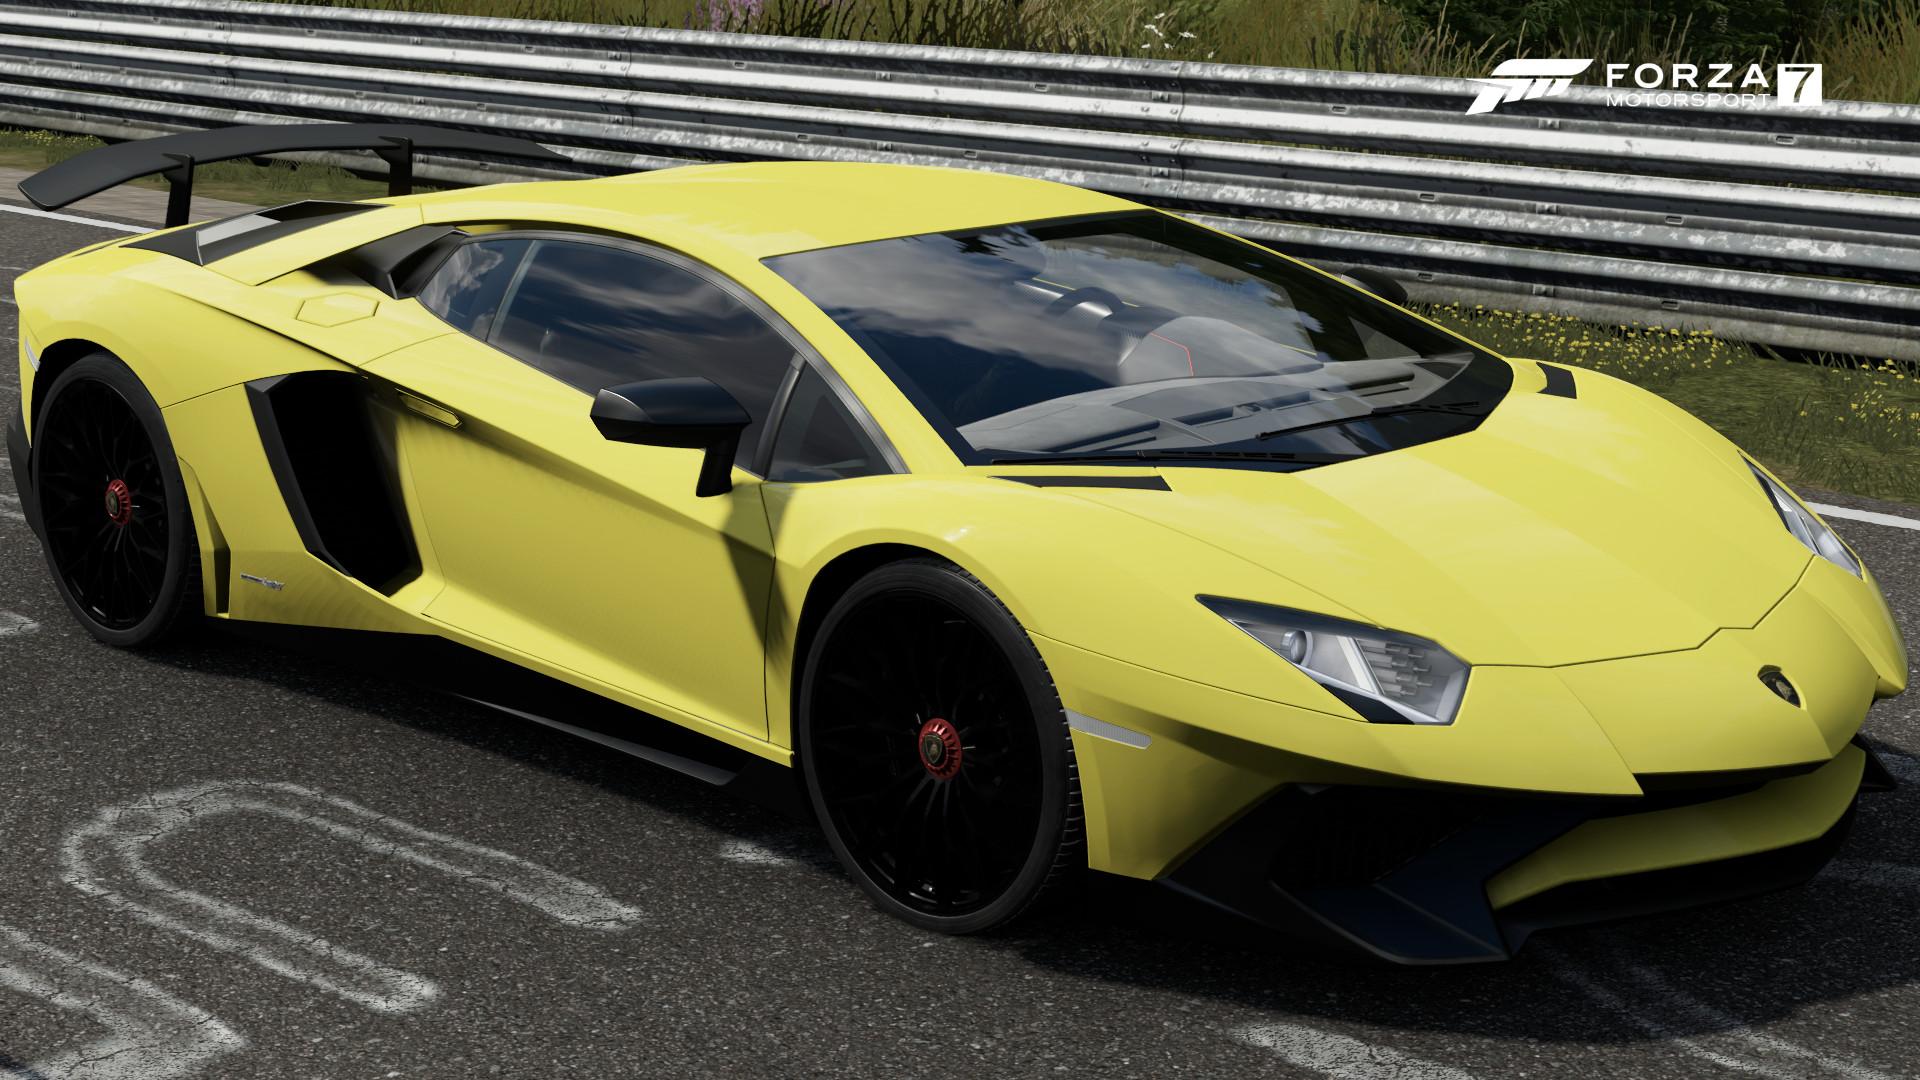 Lamborghini Aventador Lp 750 4 Sv Forza Motorsport Wiki Fandom